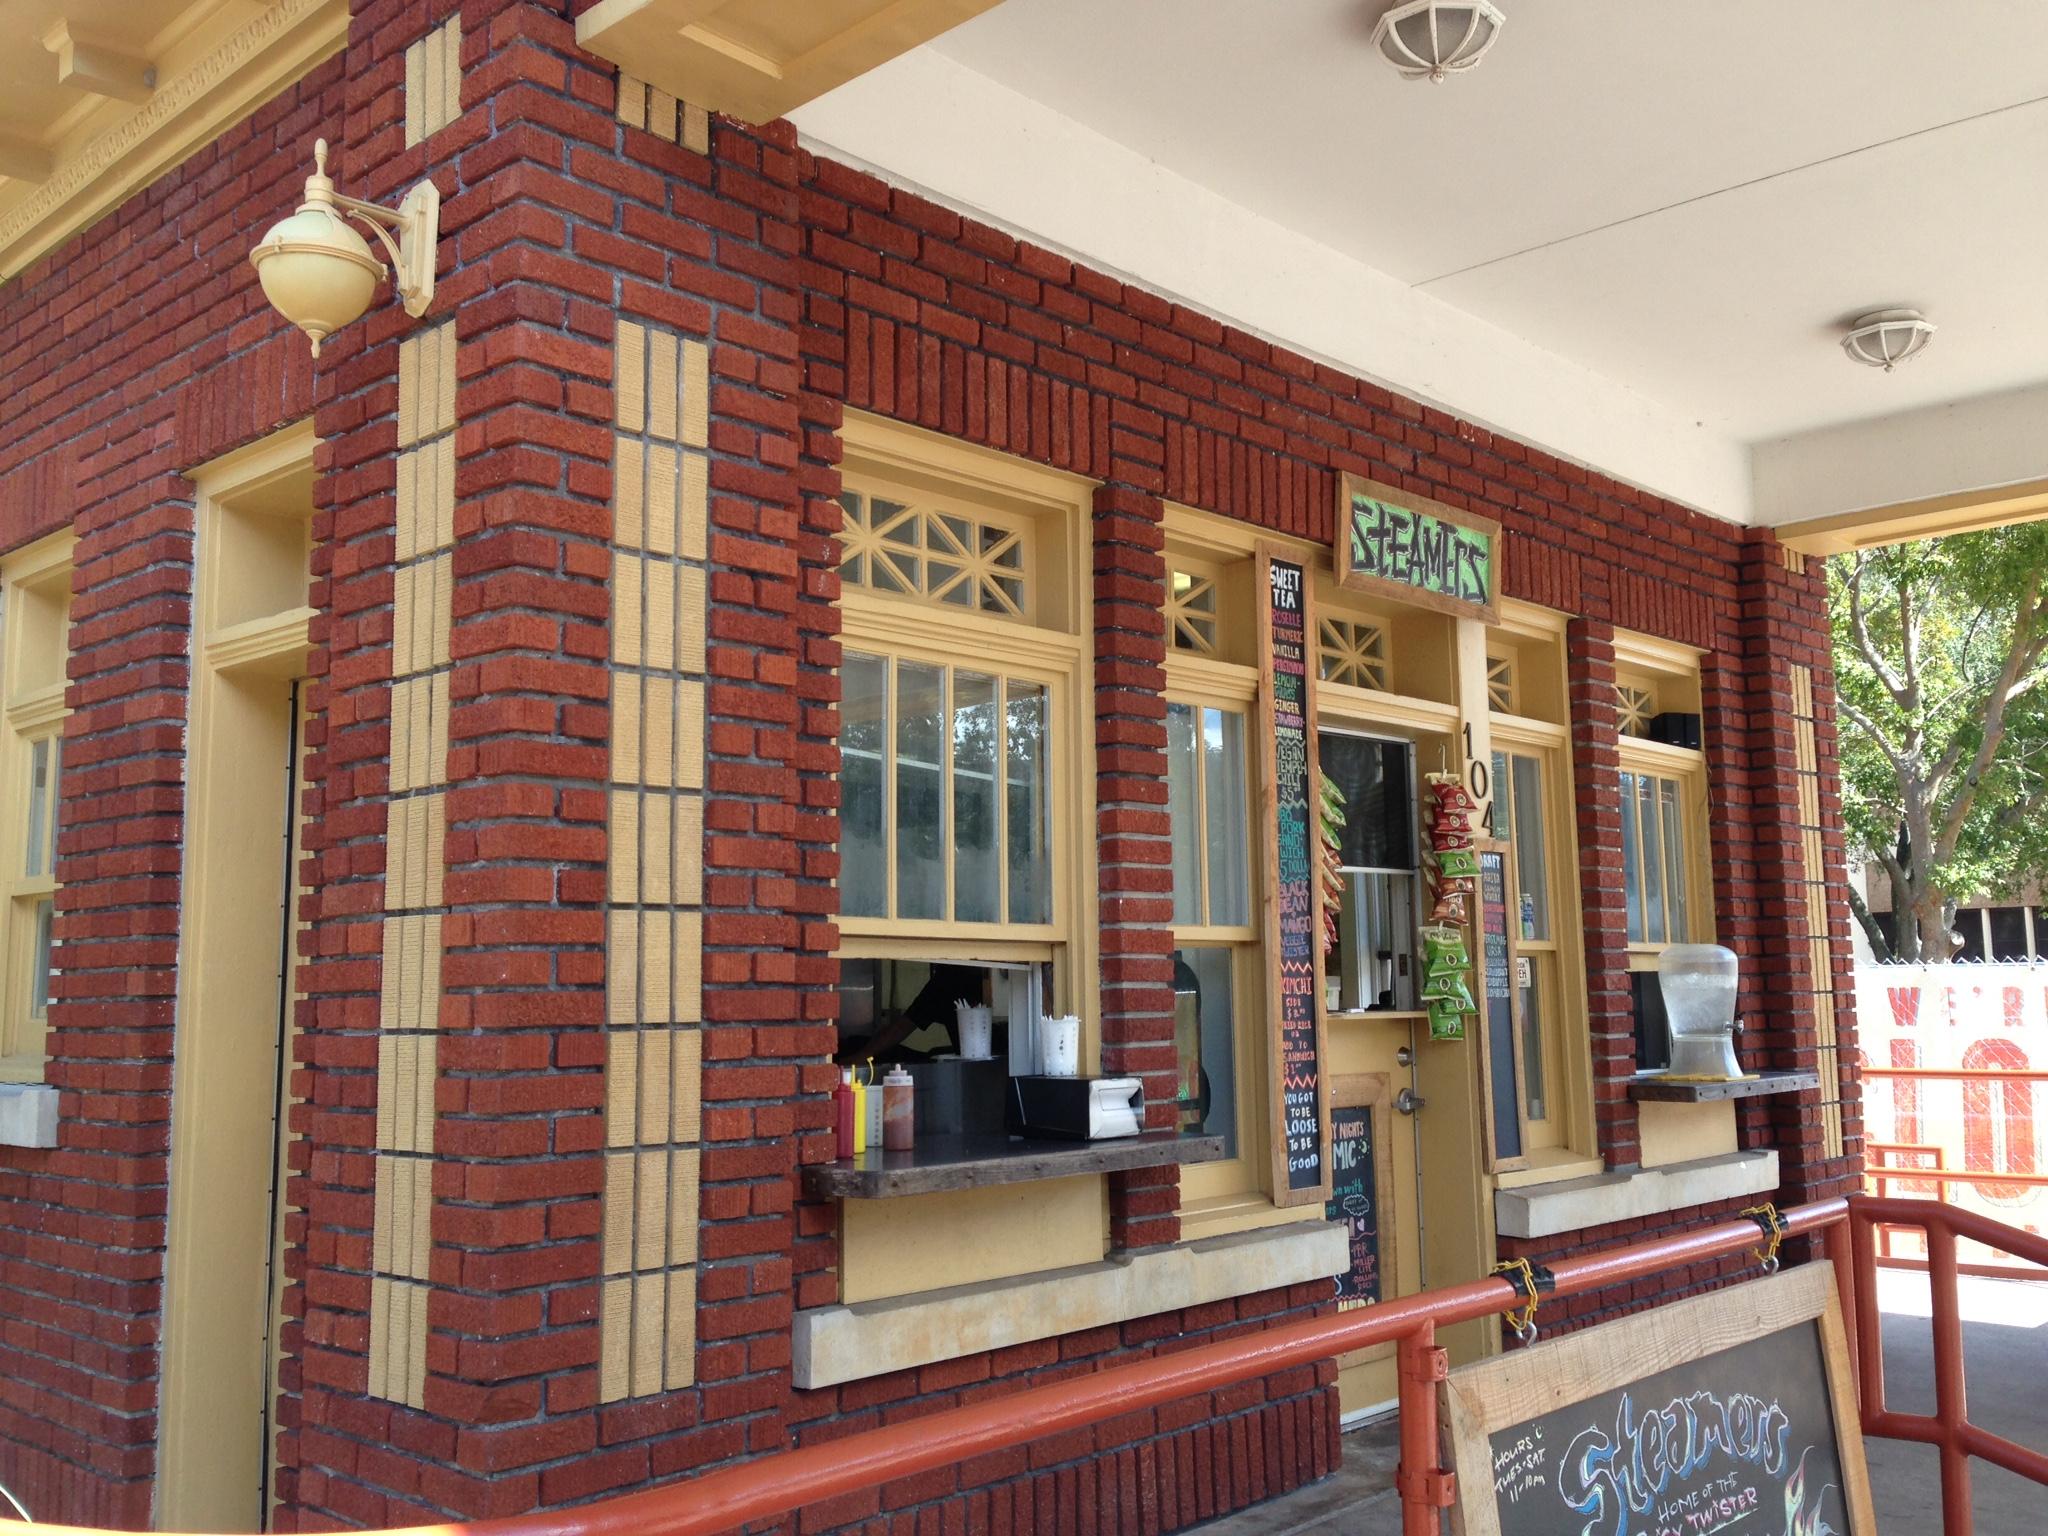 Steamers Restaurant Window